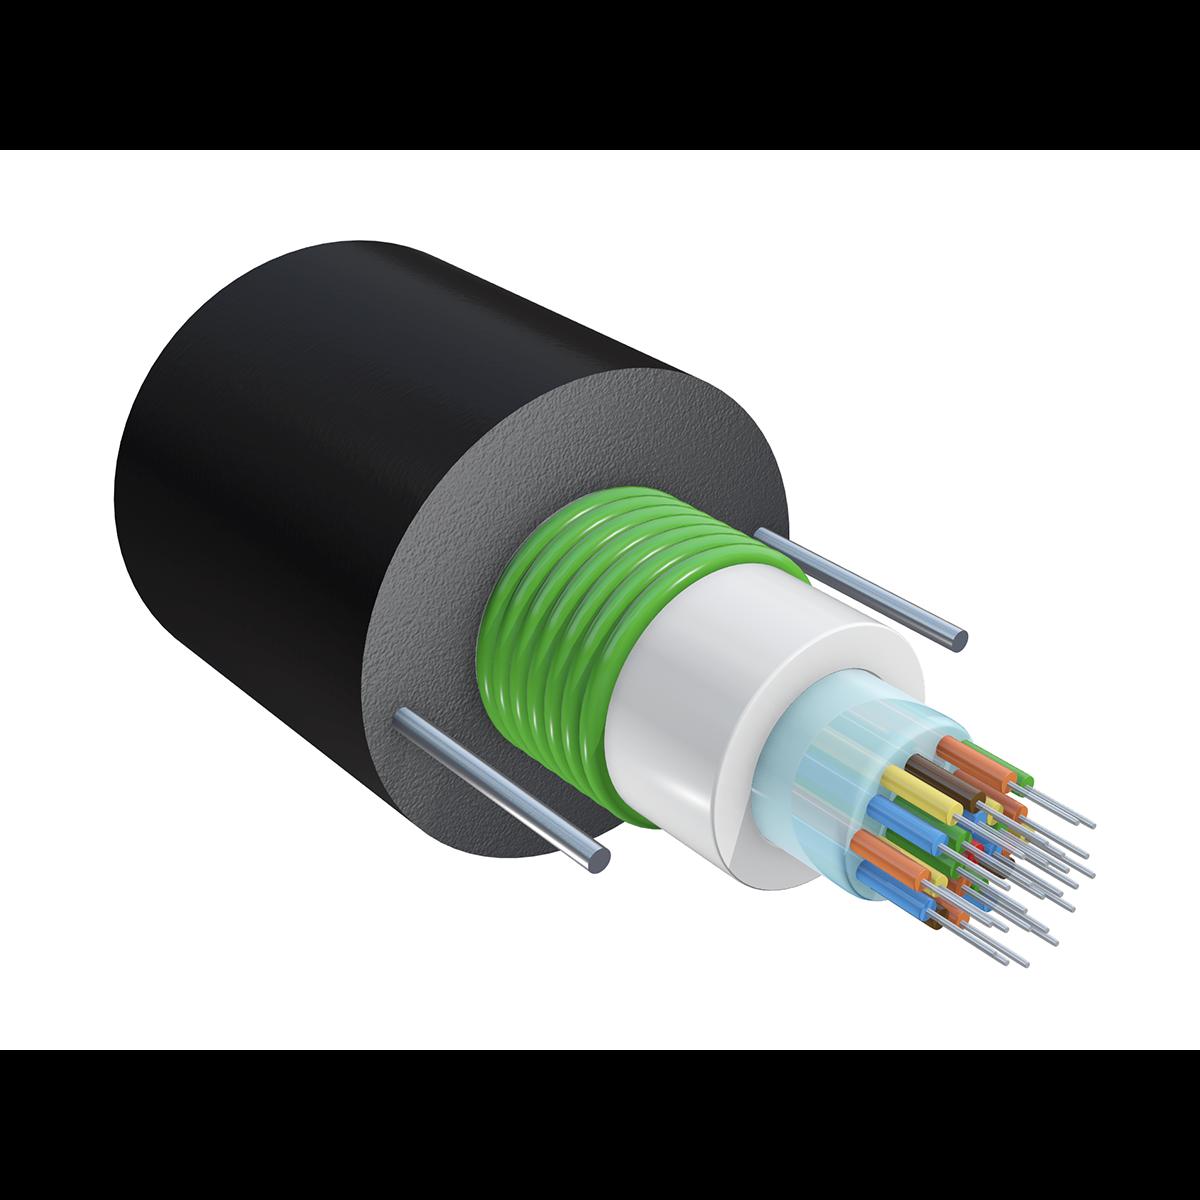 Кабель оптический SNR-FOCB-UT-0-24-C, волокно Corning SMF-28 Ultra